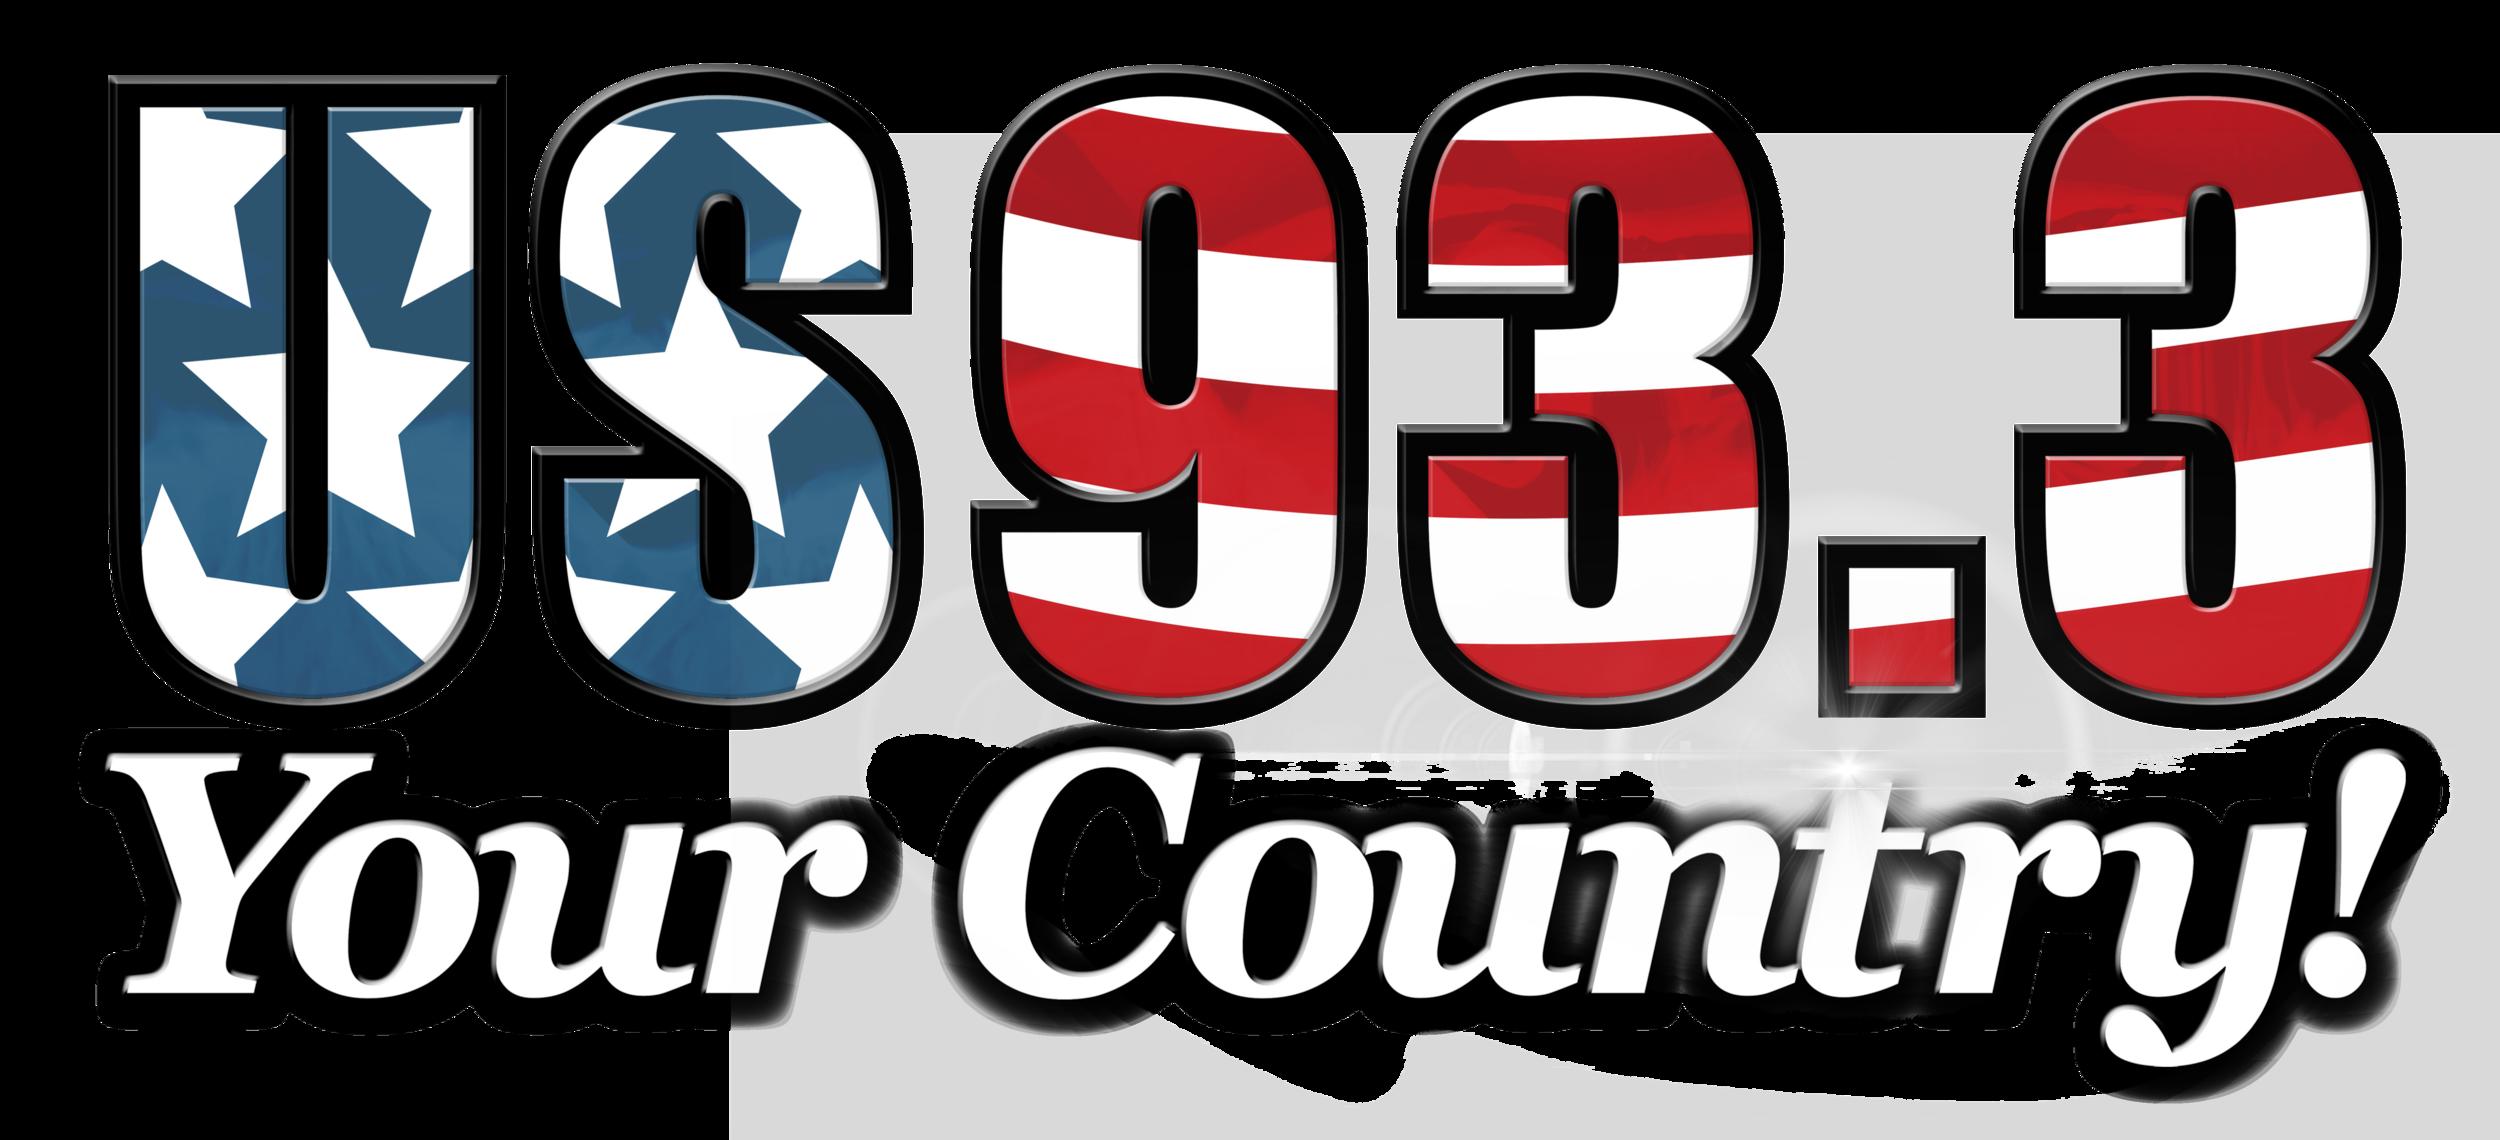 933 logo 2.png